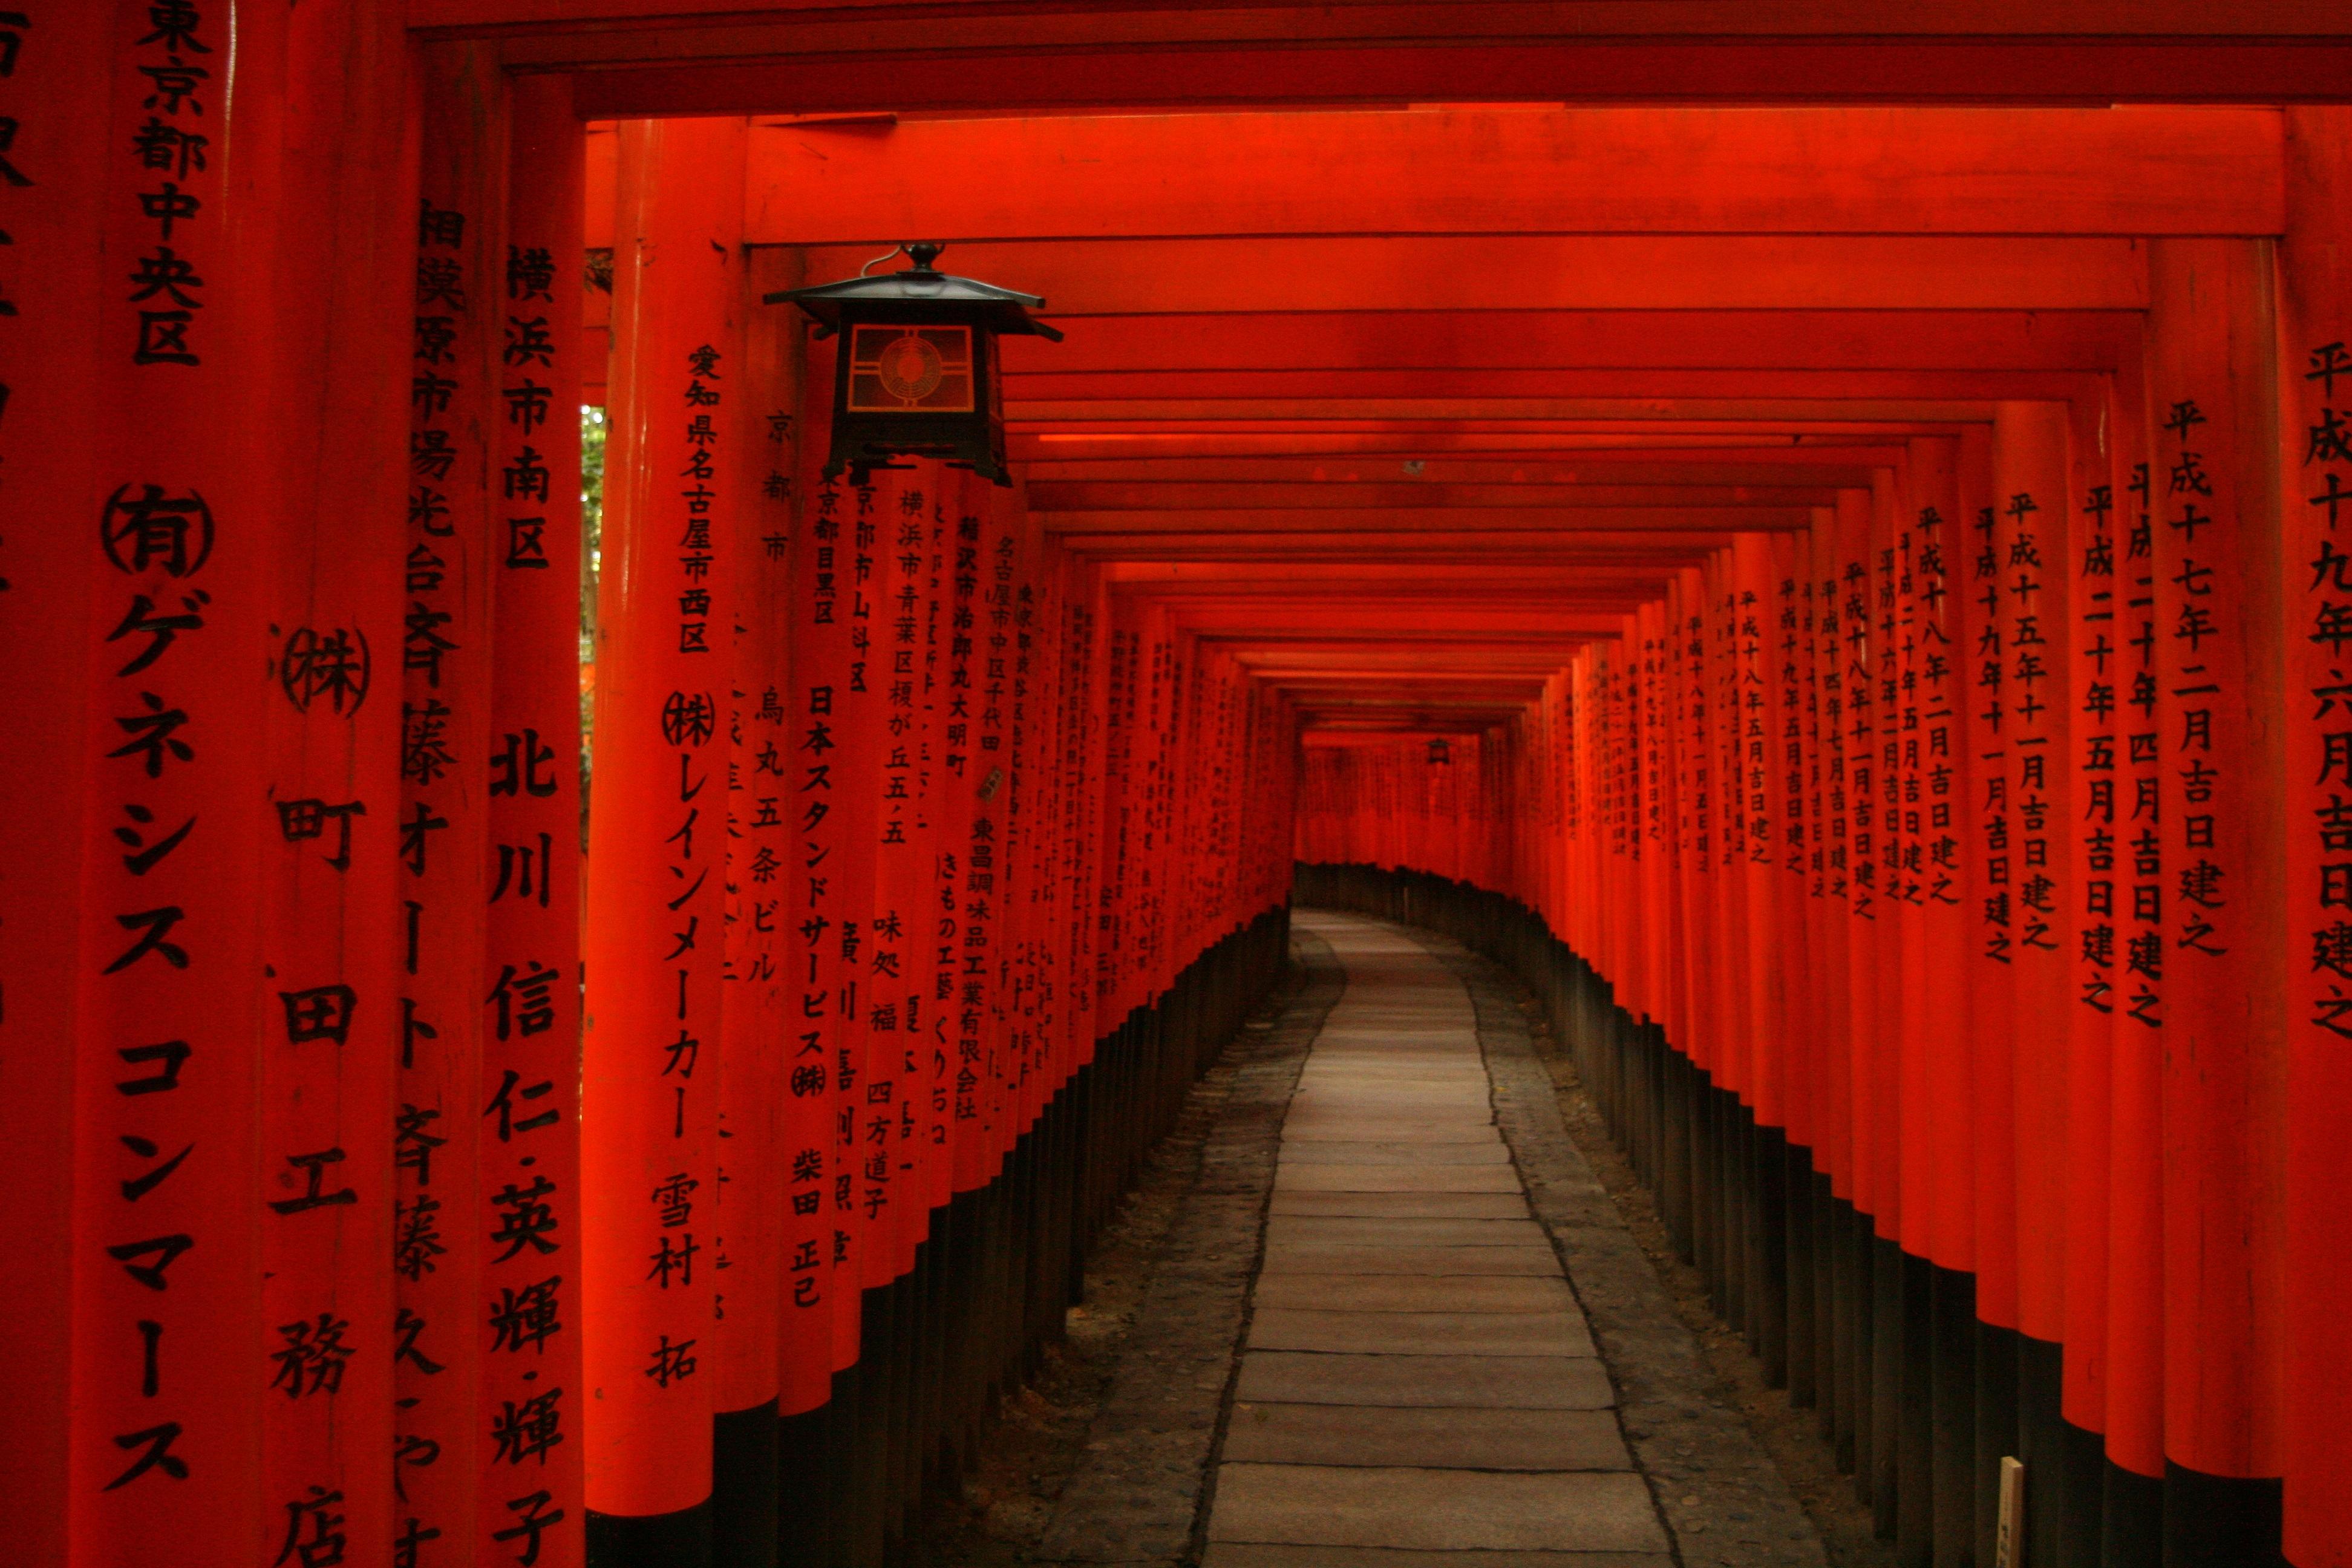 Images Gratuites : rouge, Couleur, bouddhisme, religion, Asie